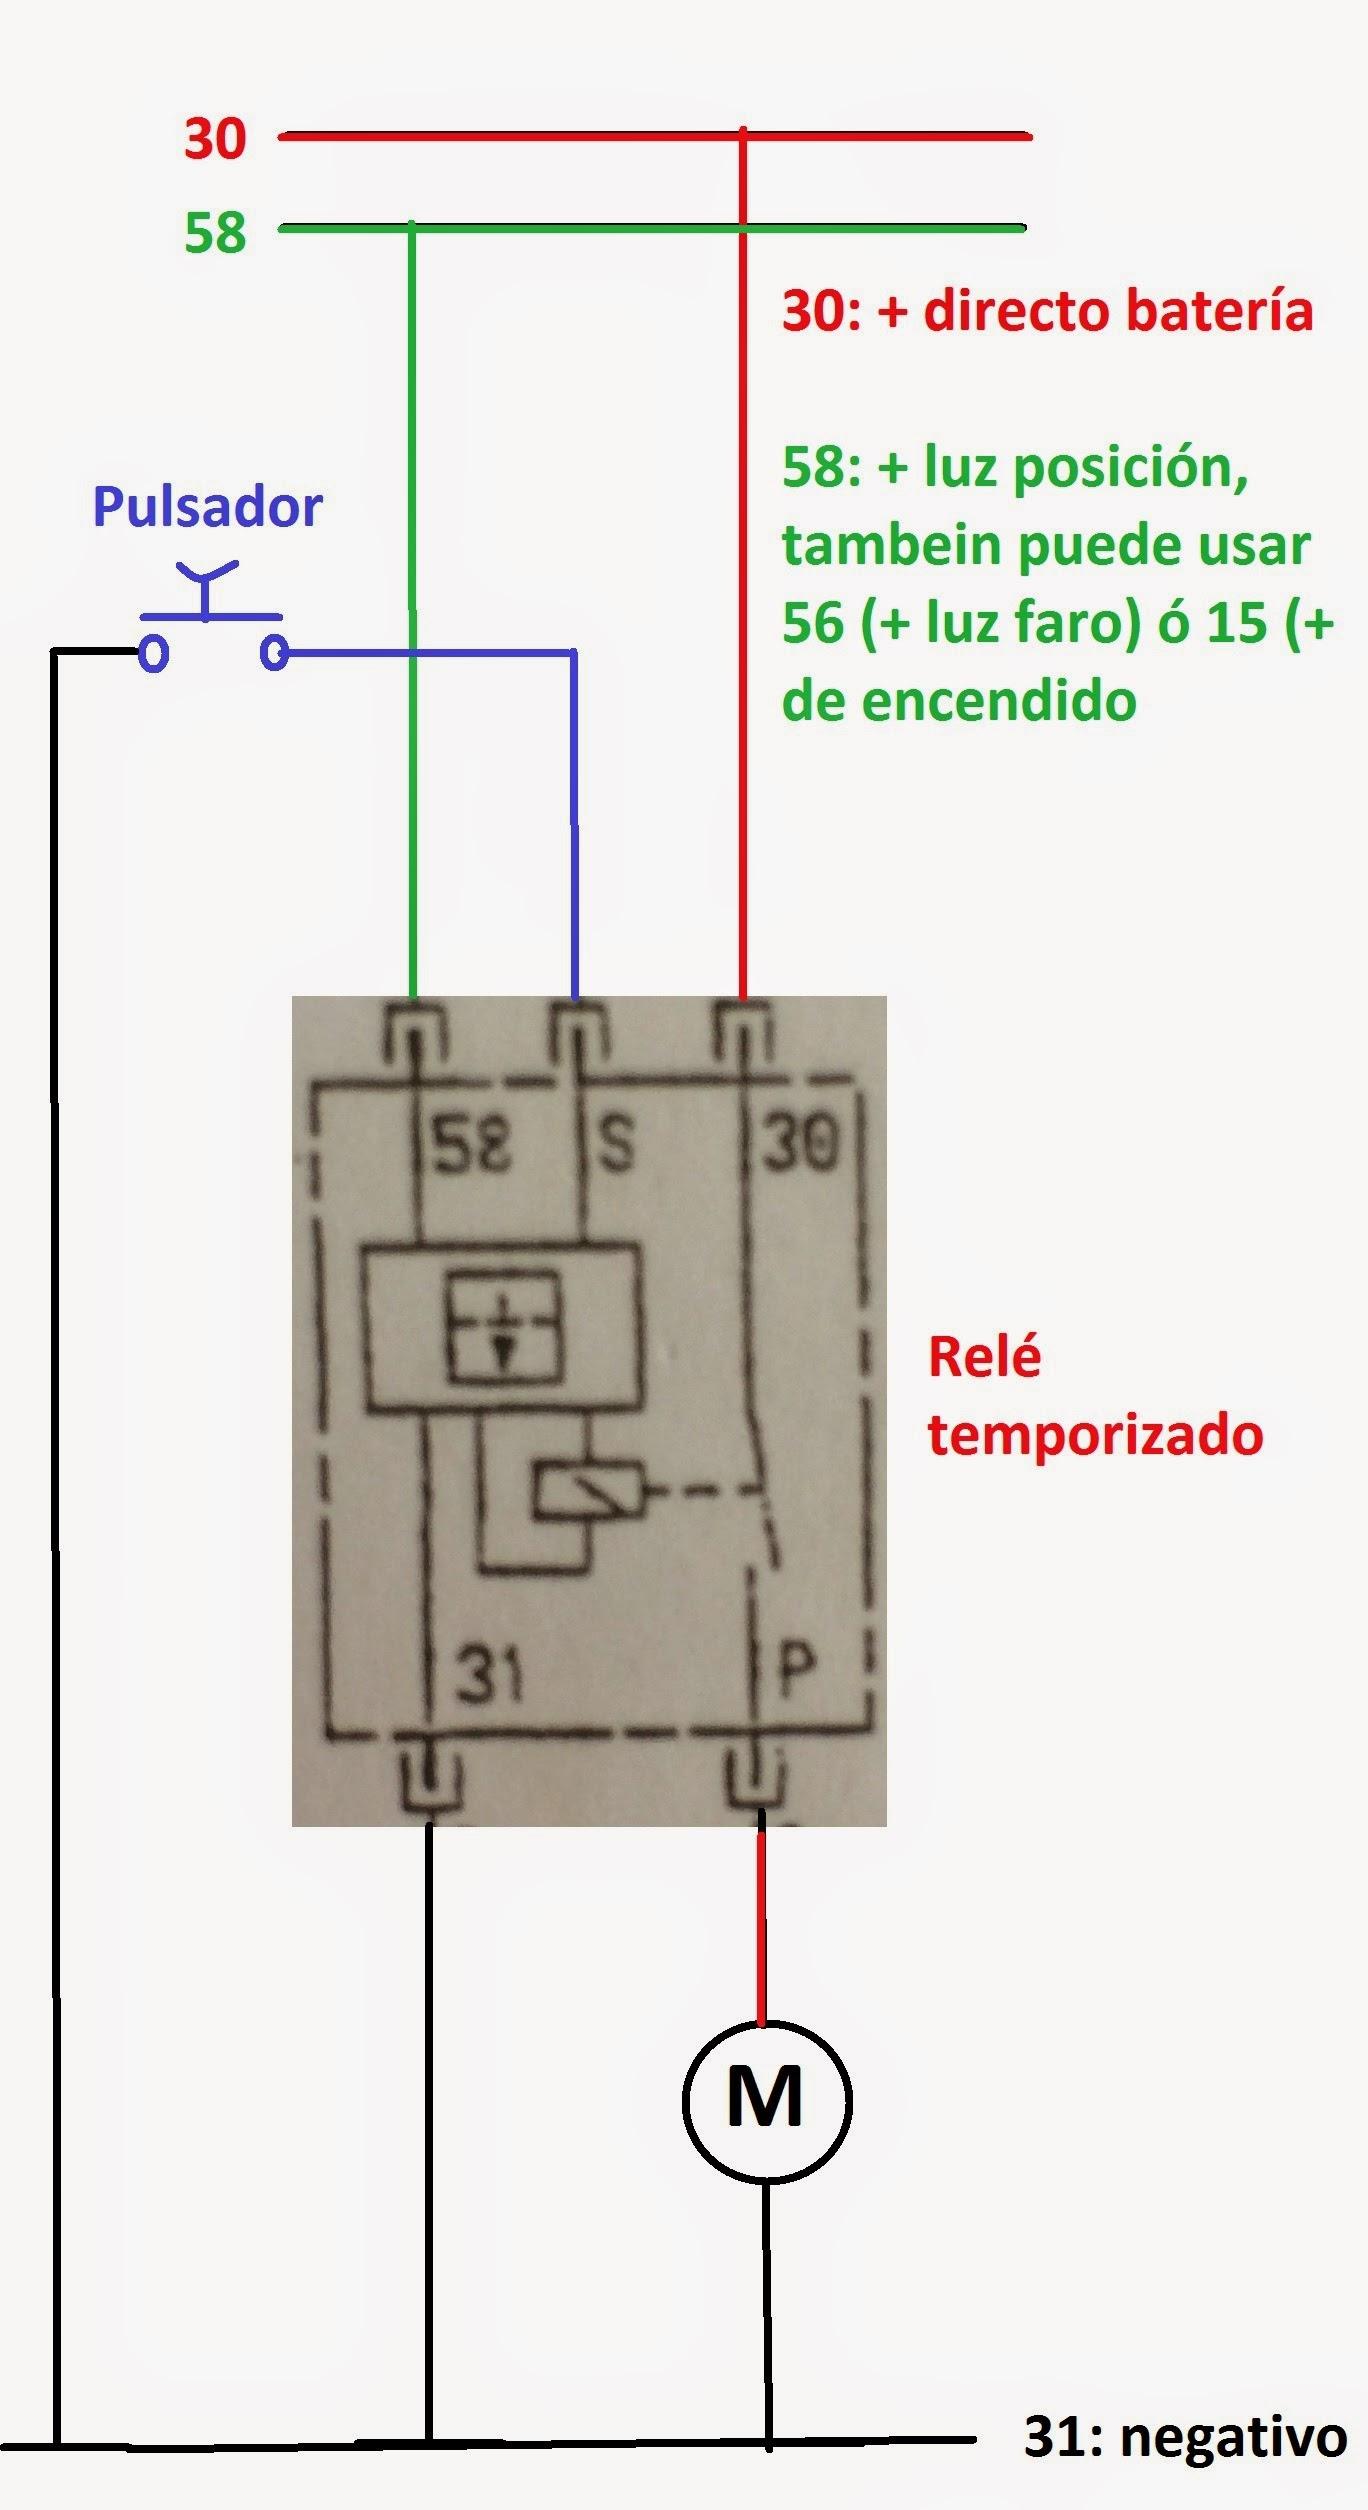 Circuito Kia : Circuito eléctrico del limpiaparabrisas sistemas